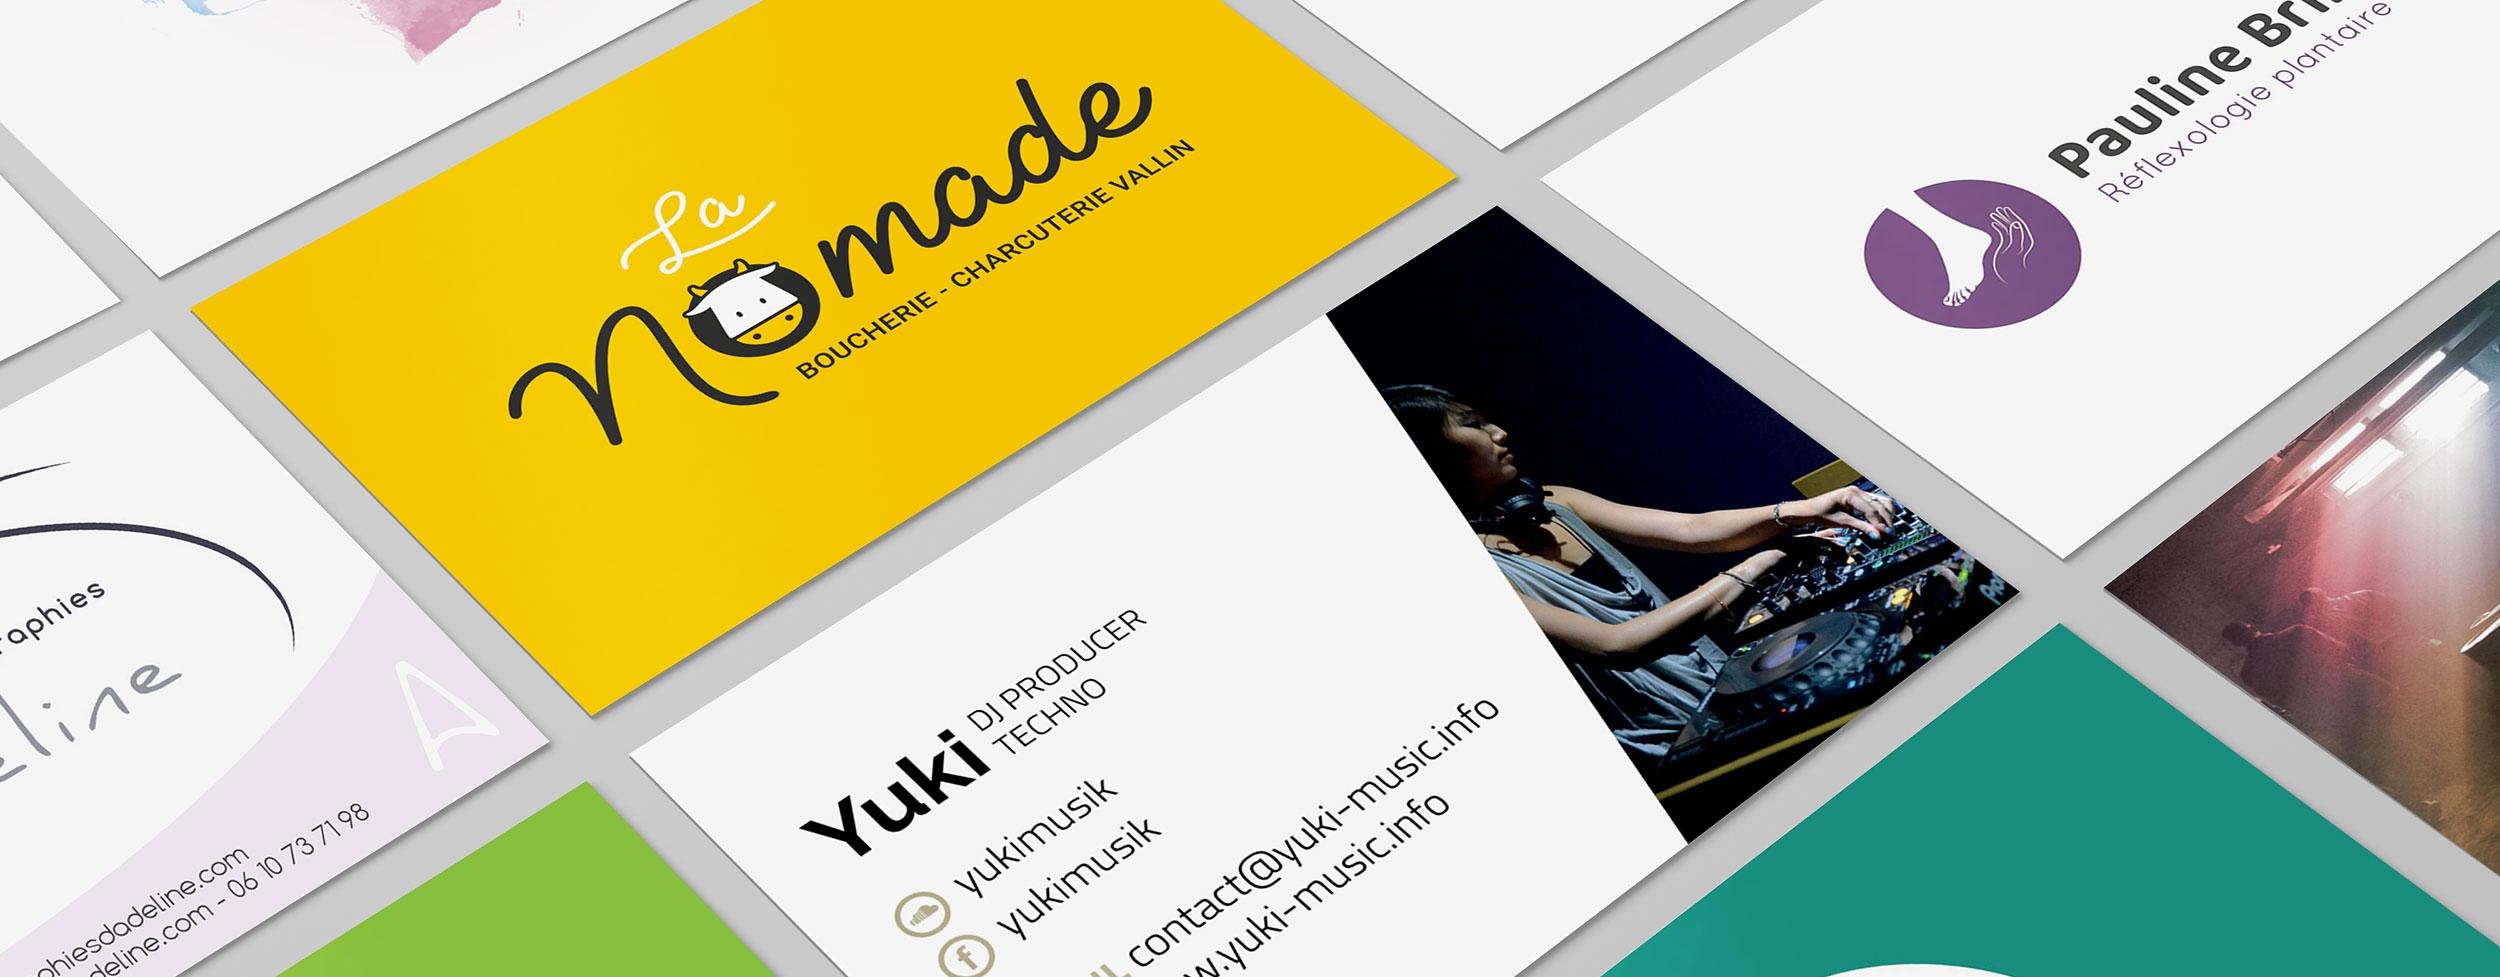 professionnels-print-identite-visuelle-pagetop